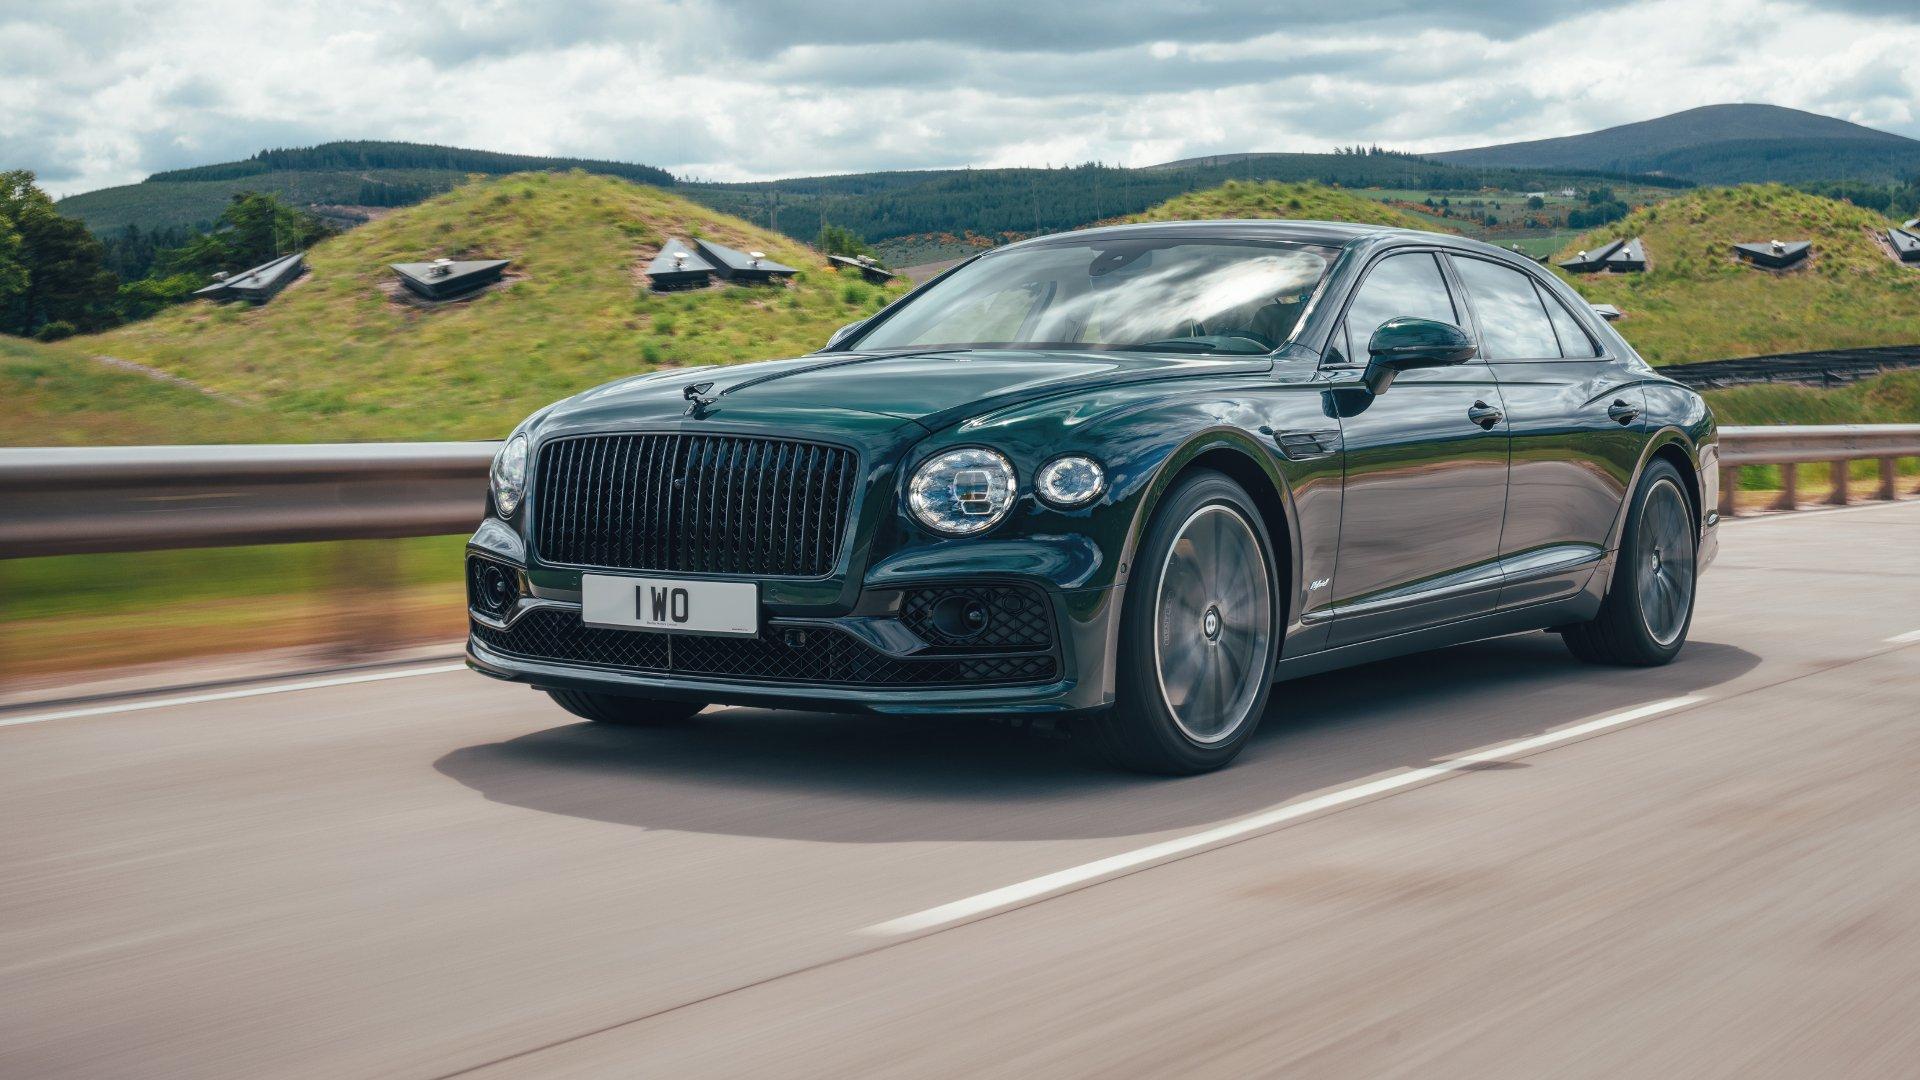 El Bentley Flying Spur se pasa a la hibridación enchufable